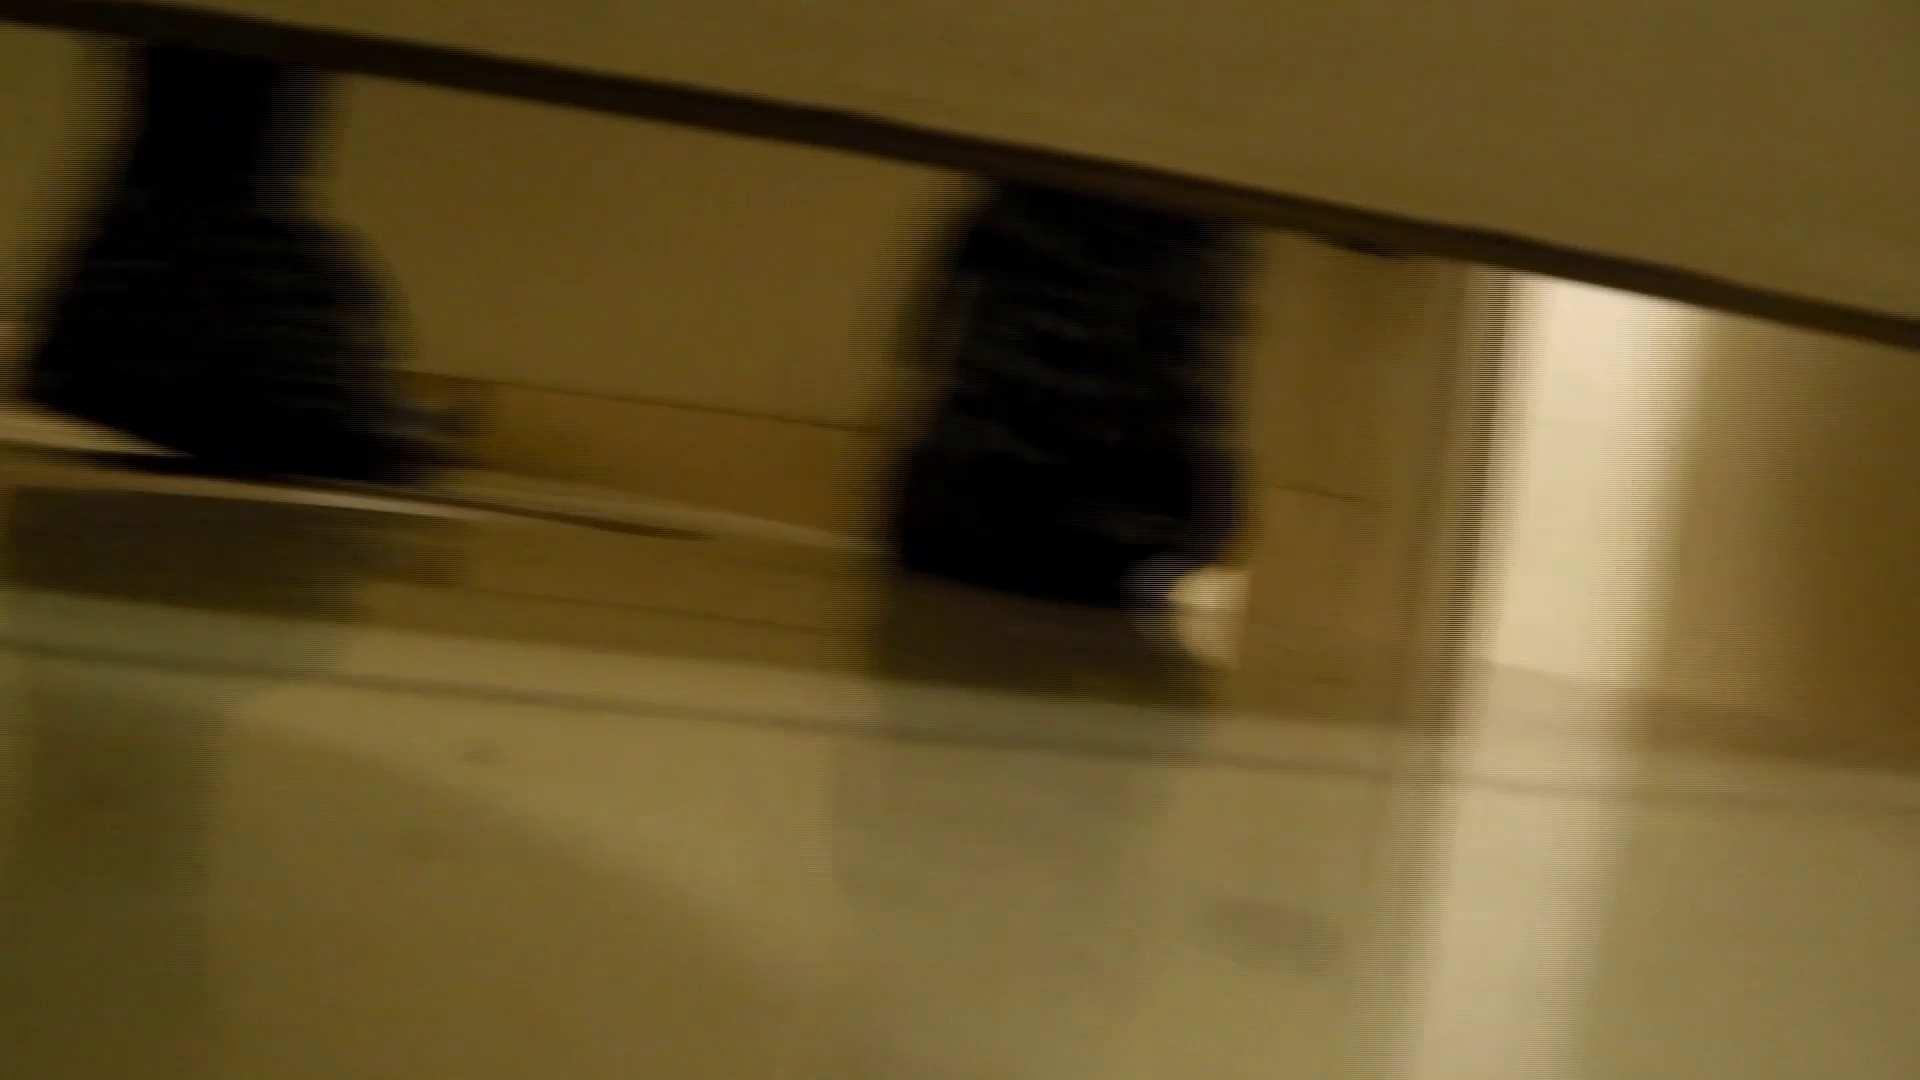 新世界の射窓 No78 トリンドル 玲奈似登場シリーズ美女率最高作! 美女  109pic 73